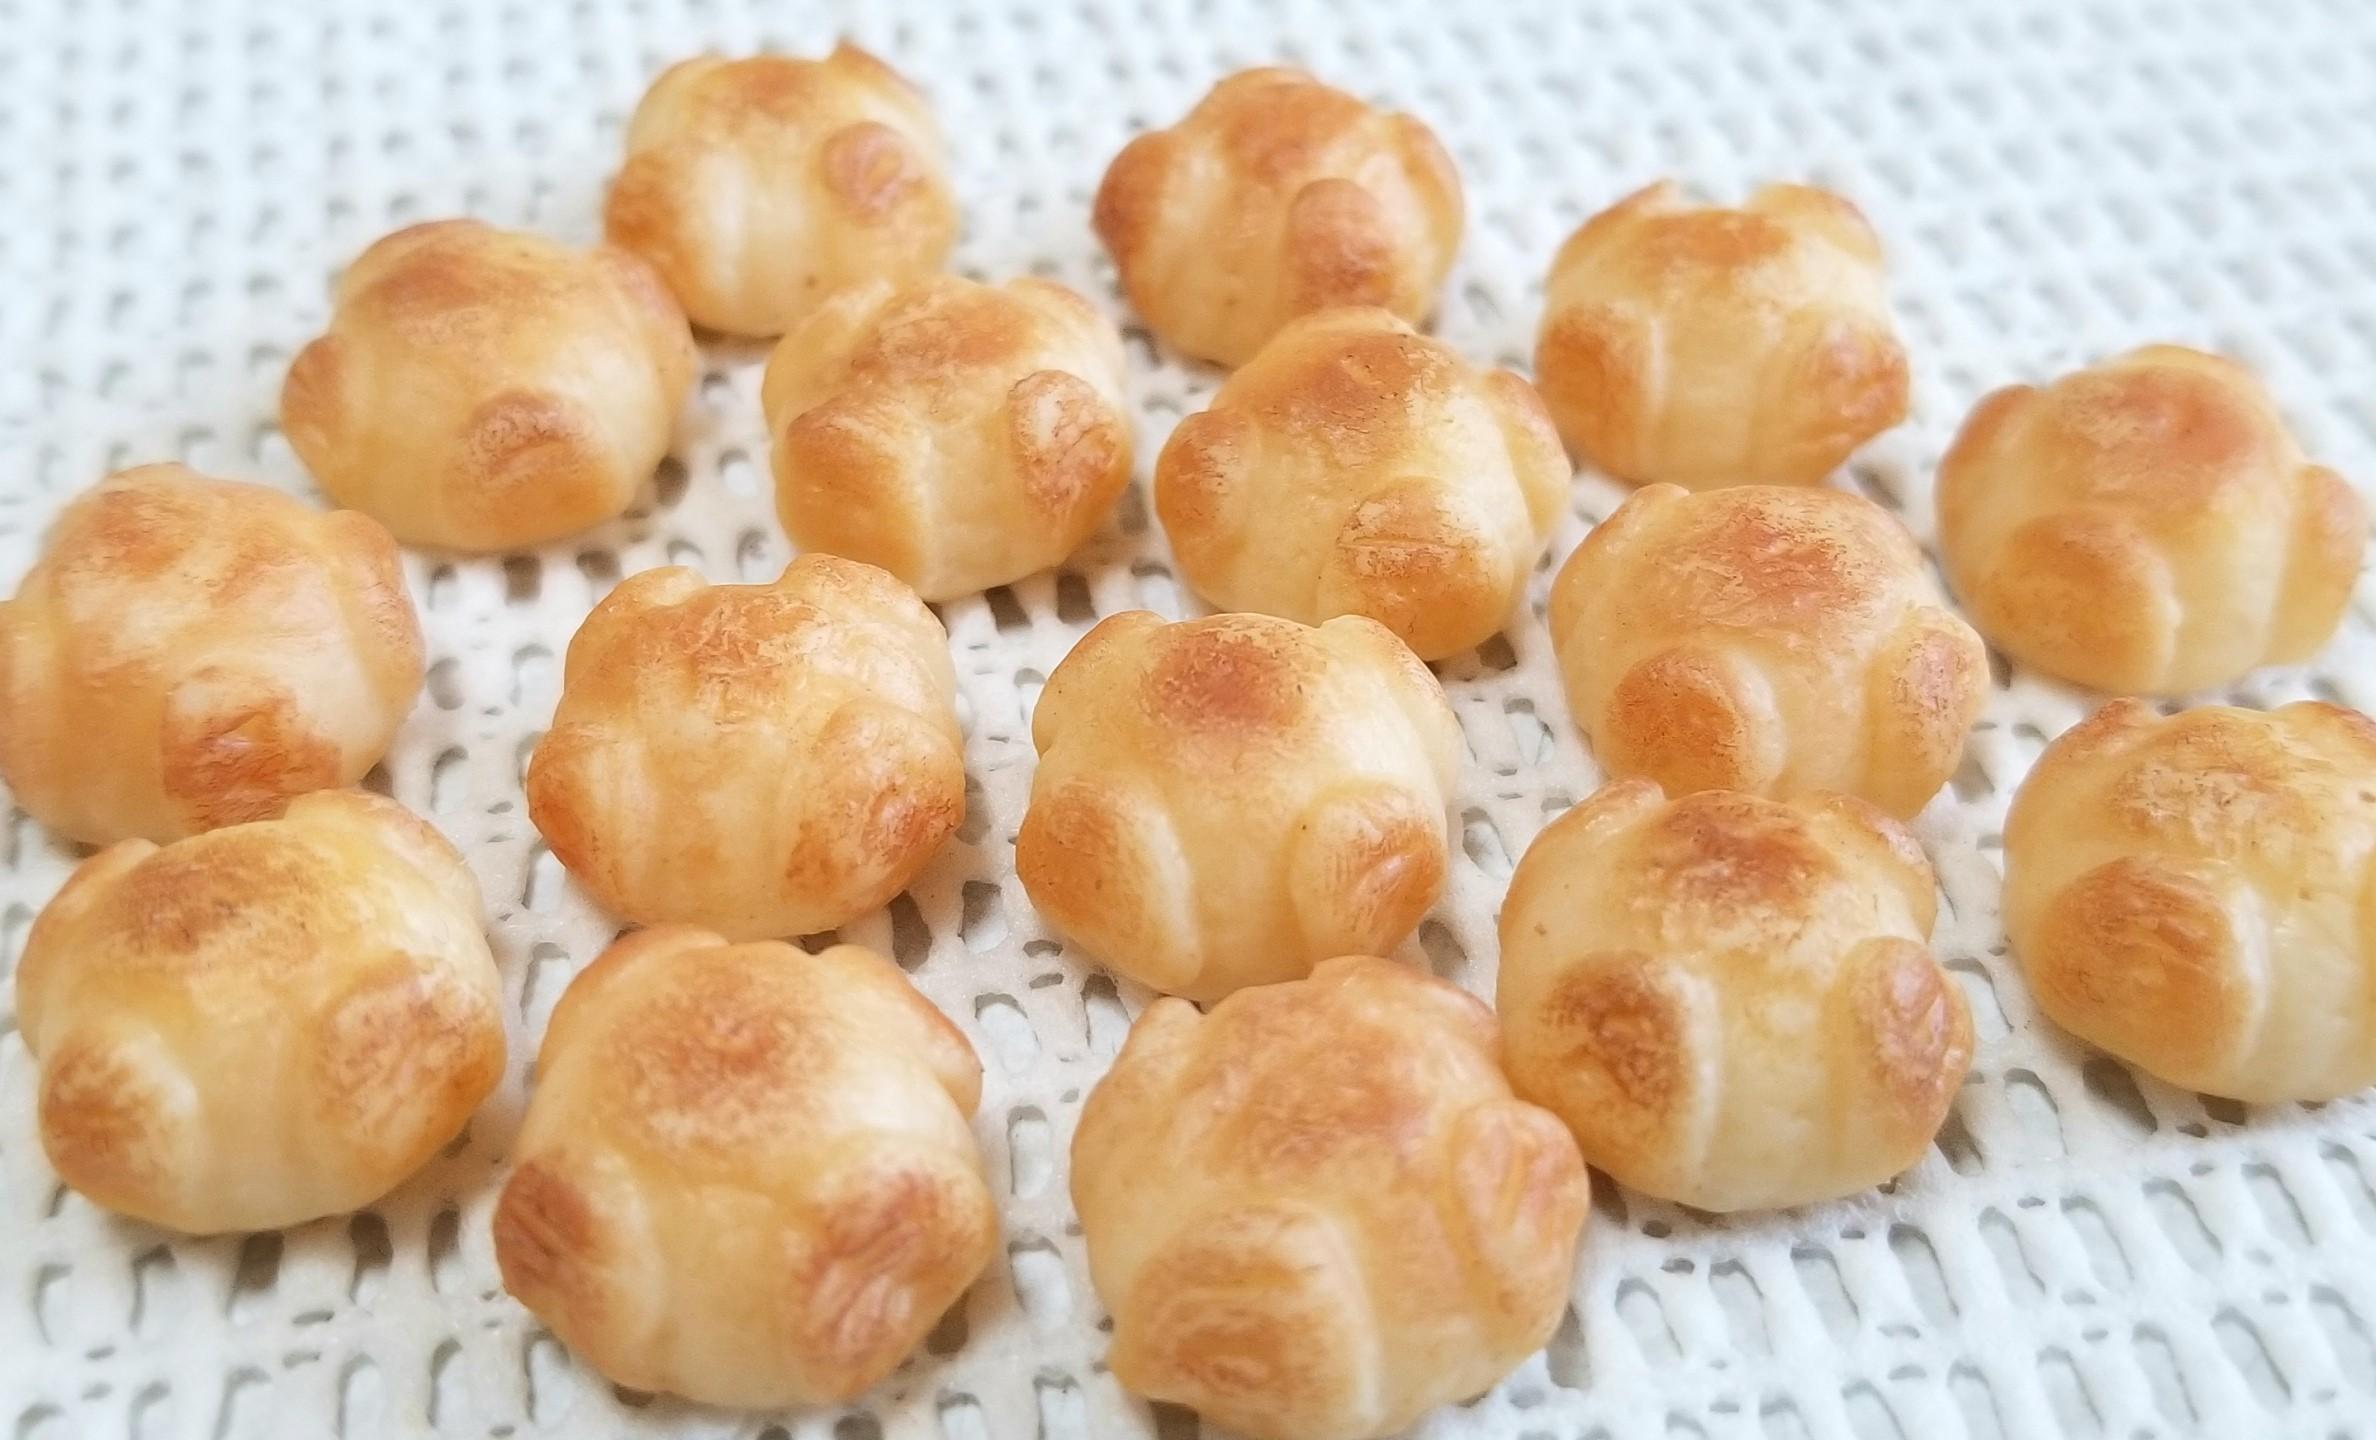 ミニチュアフード, もっちり系カンパーニュ, パン, 樹脂粘土, パーツ